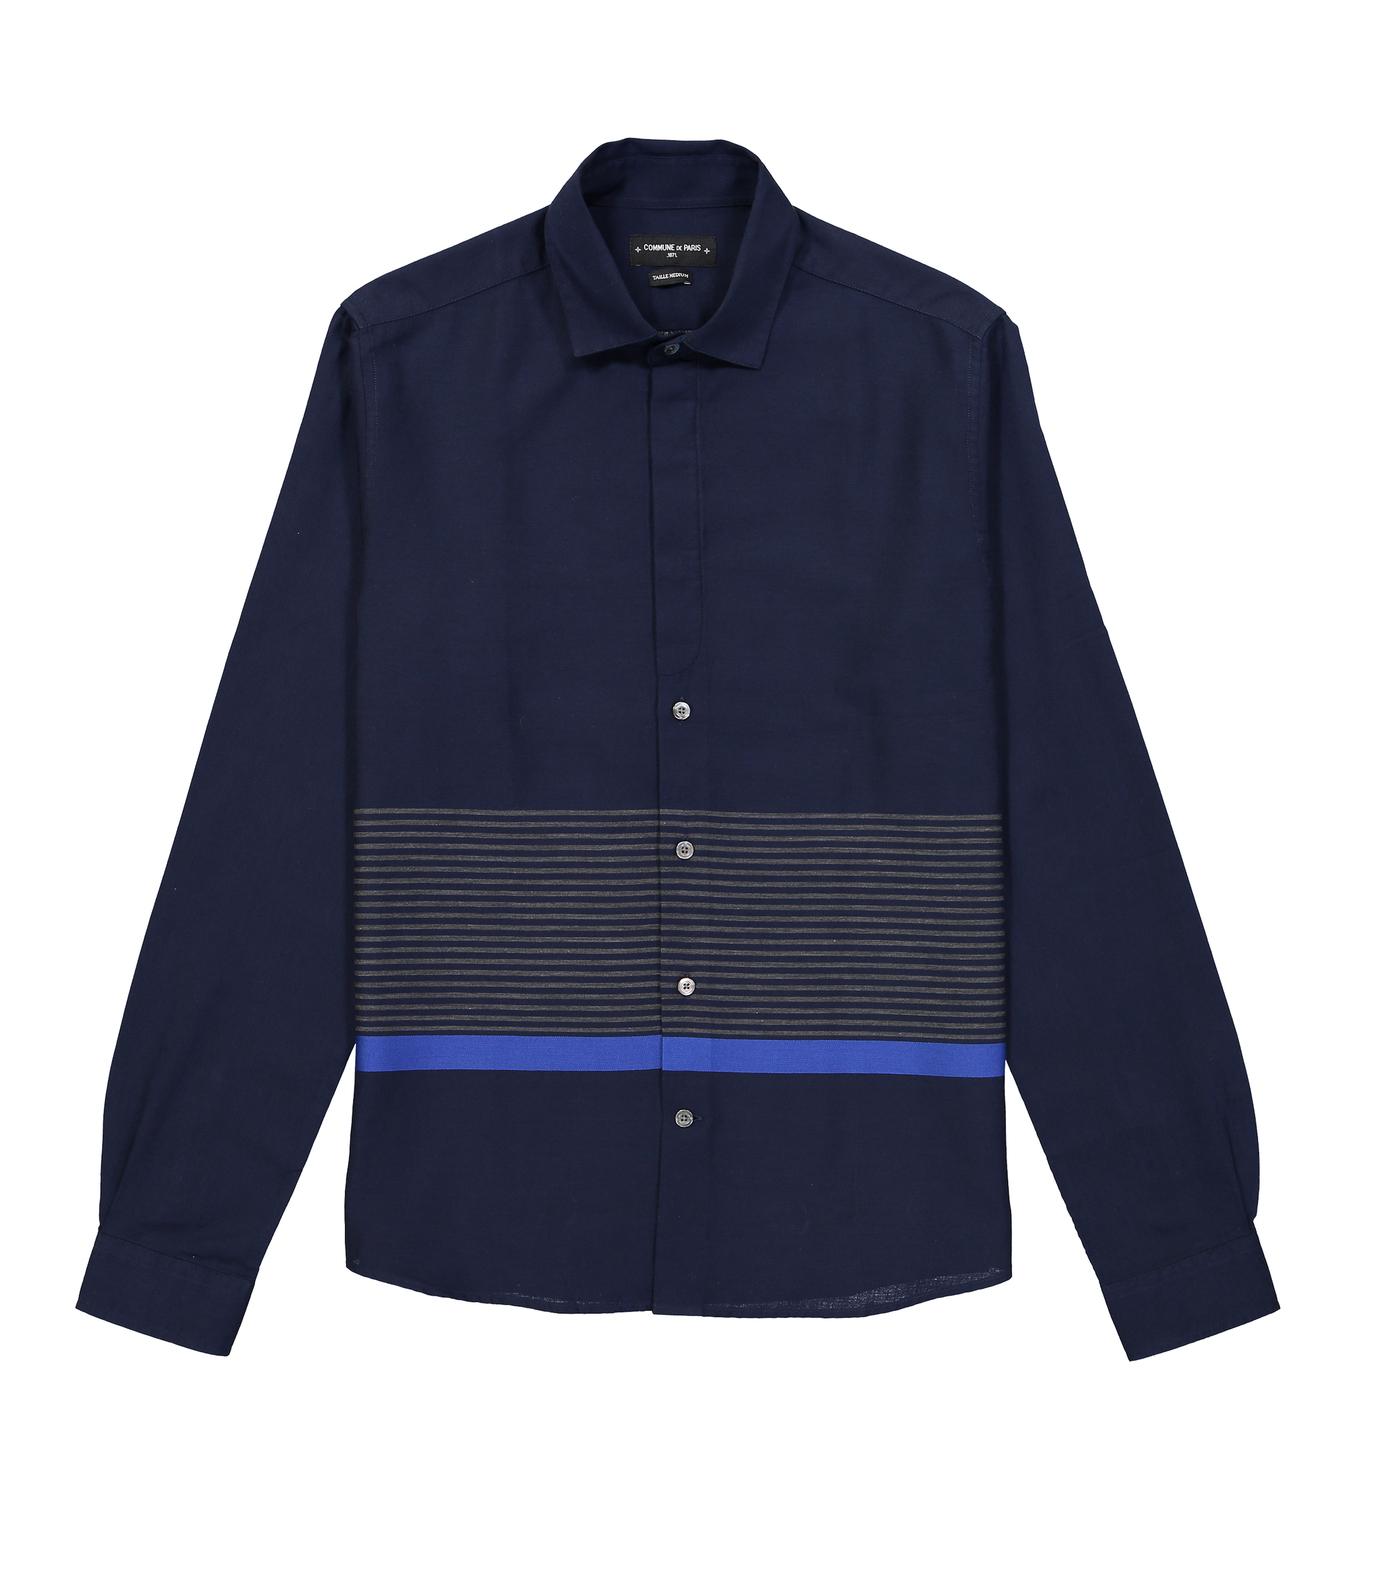 SHIRT VUILLARD - Navy stripes